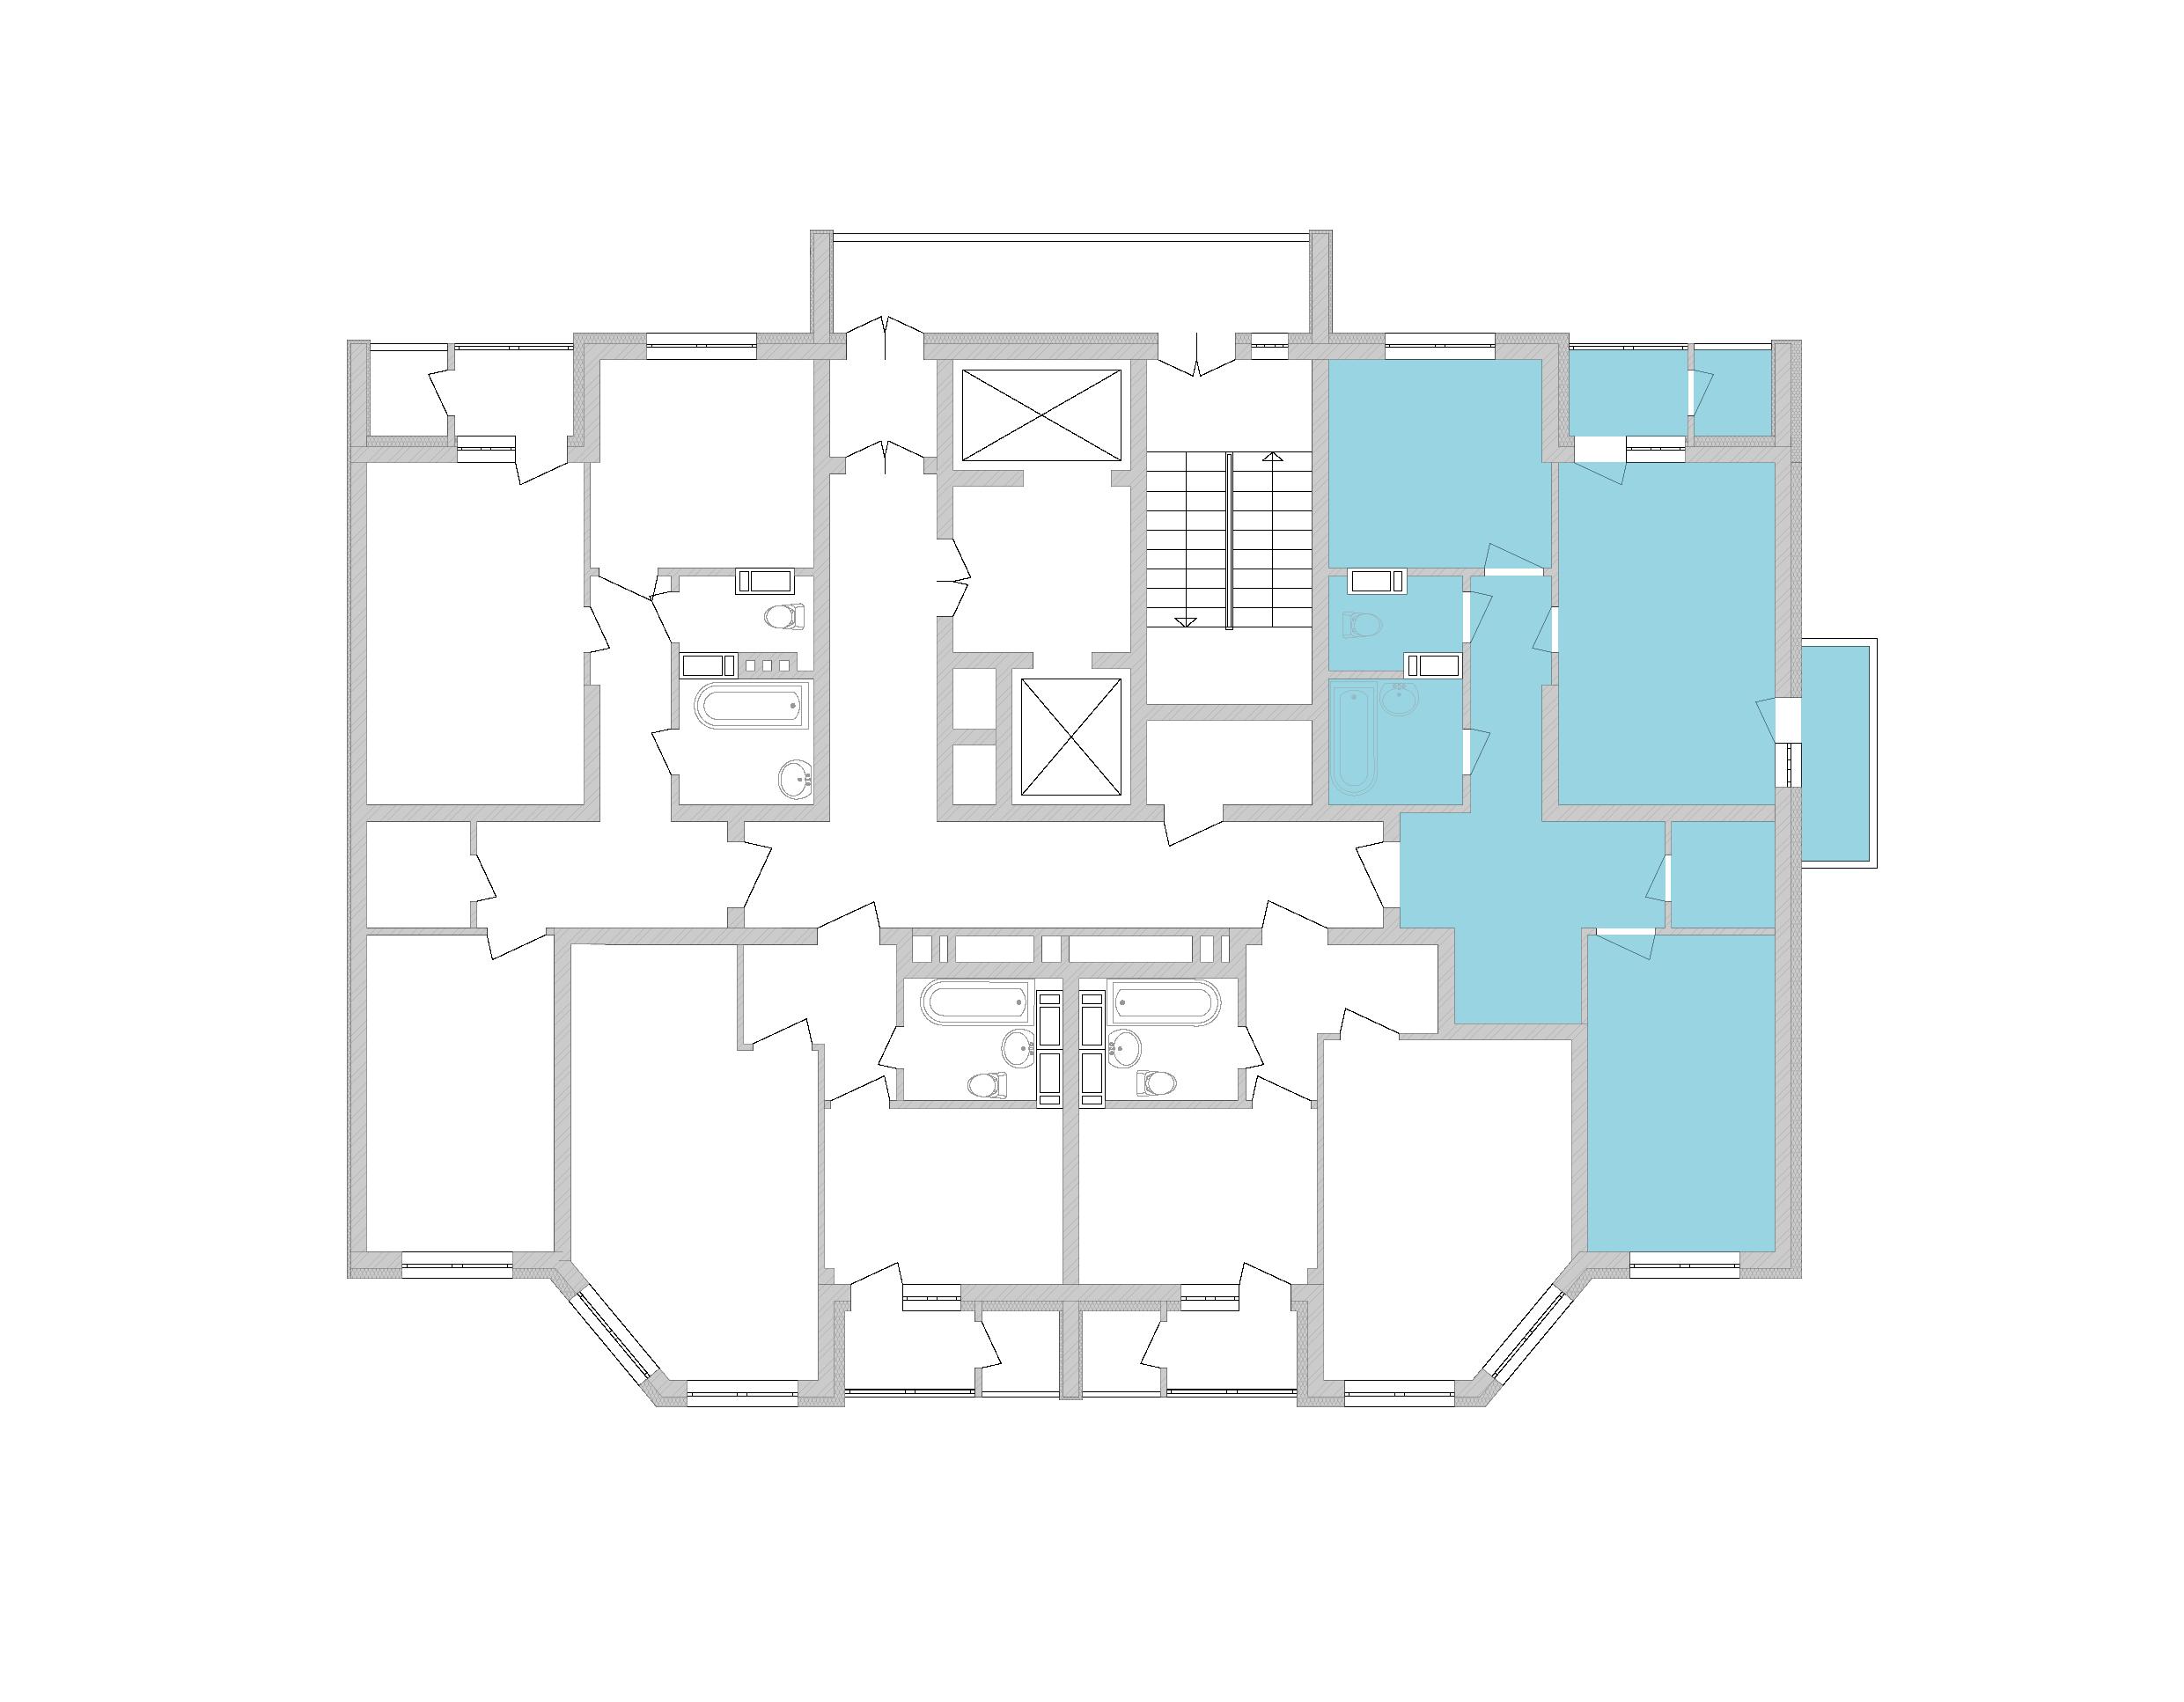 Двухкомнатная квартира 67,87 кв.м., тип 2.1, дом 2, секция 5 расположение на этаже